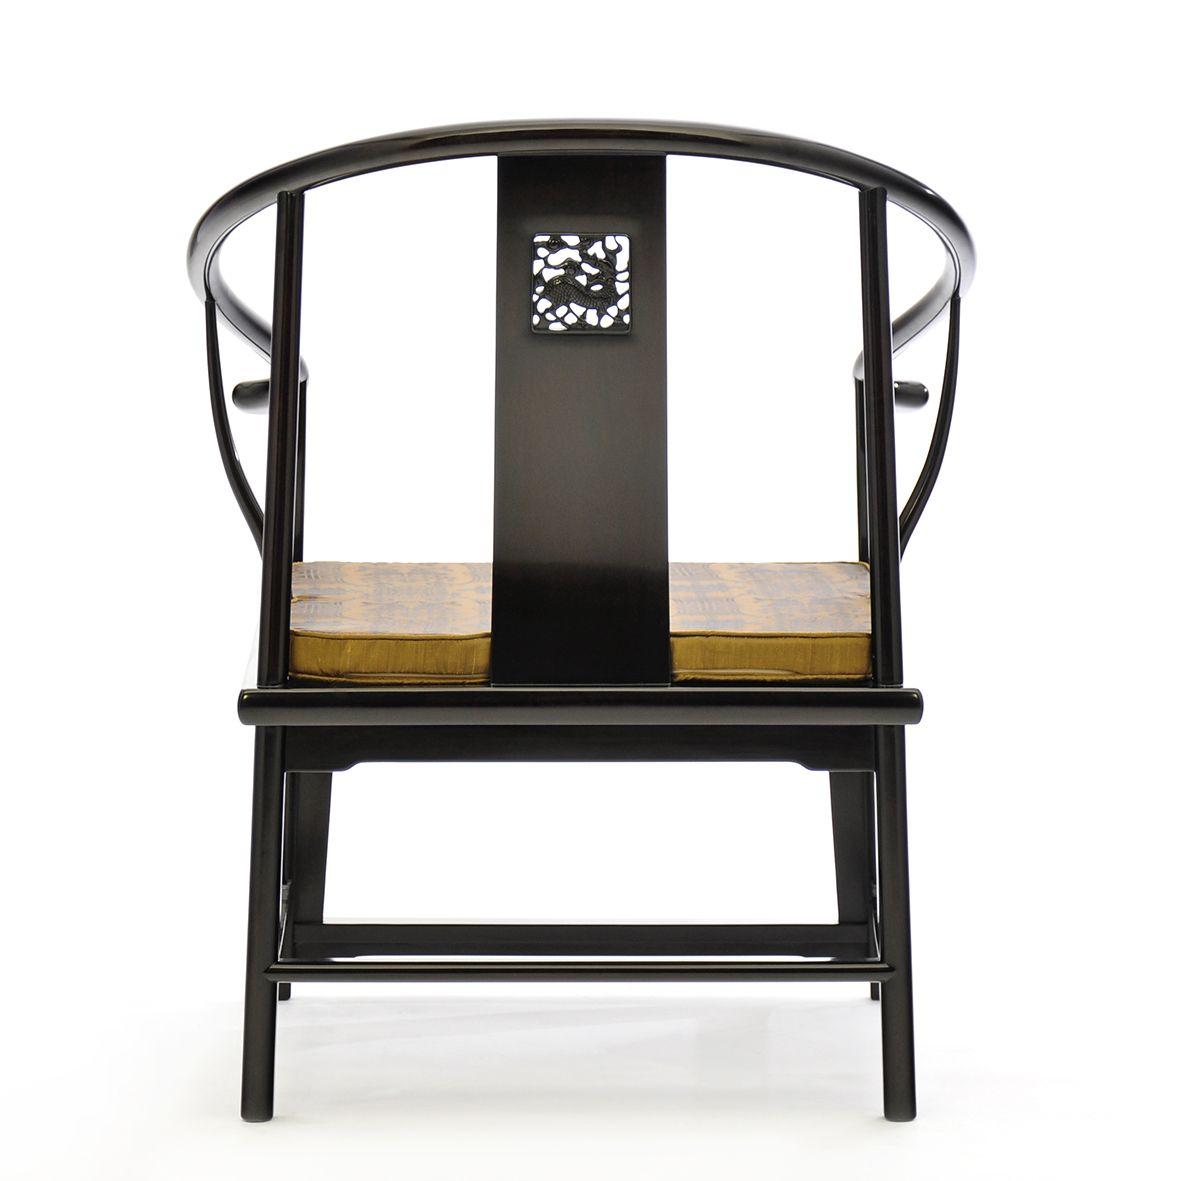 Peachy Modern Ming Chair 4 In 2019 Asian Chairs Chair Chinese Spiritservingveterans Wood Chair Design Ideas Spiritservingveteransorg